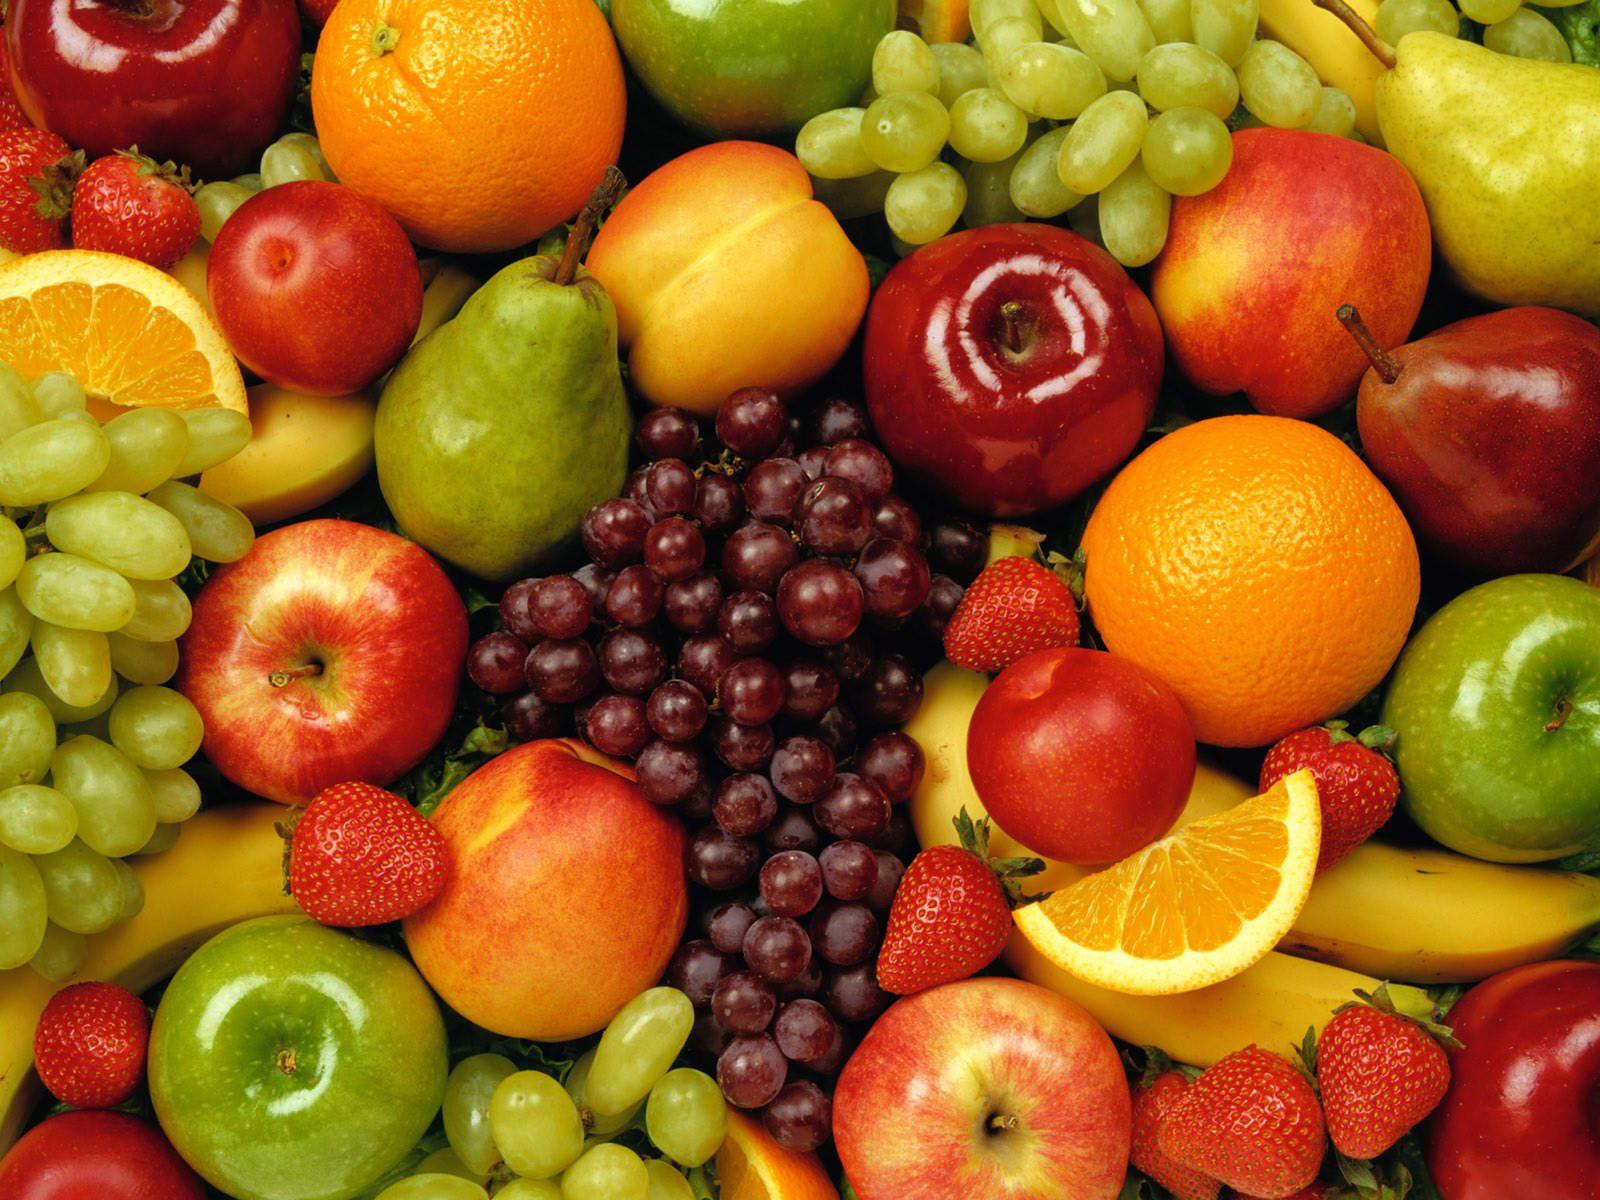 Сколько фруктов вдень необходимо съесть, чтобы избежать депрессии